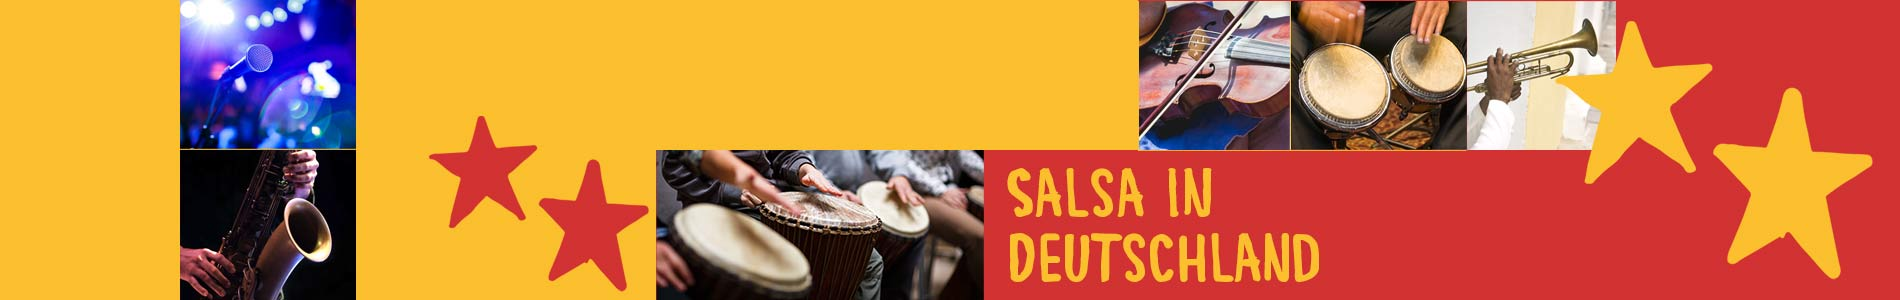 Salsa in Creuzburg – Salsa lernen und tanzen, Tanzkurse, Partys, Veranstaltungen